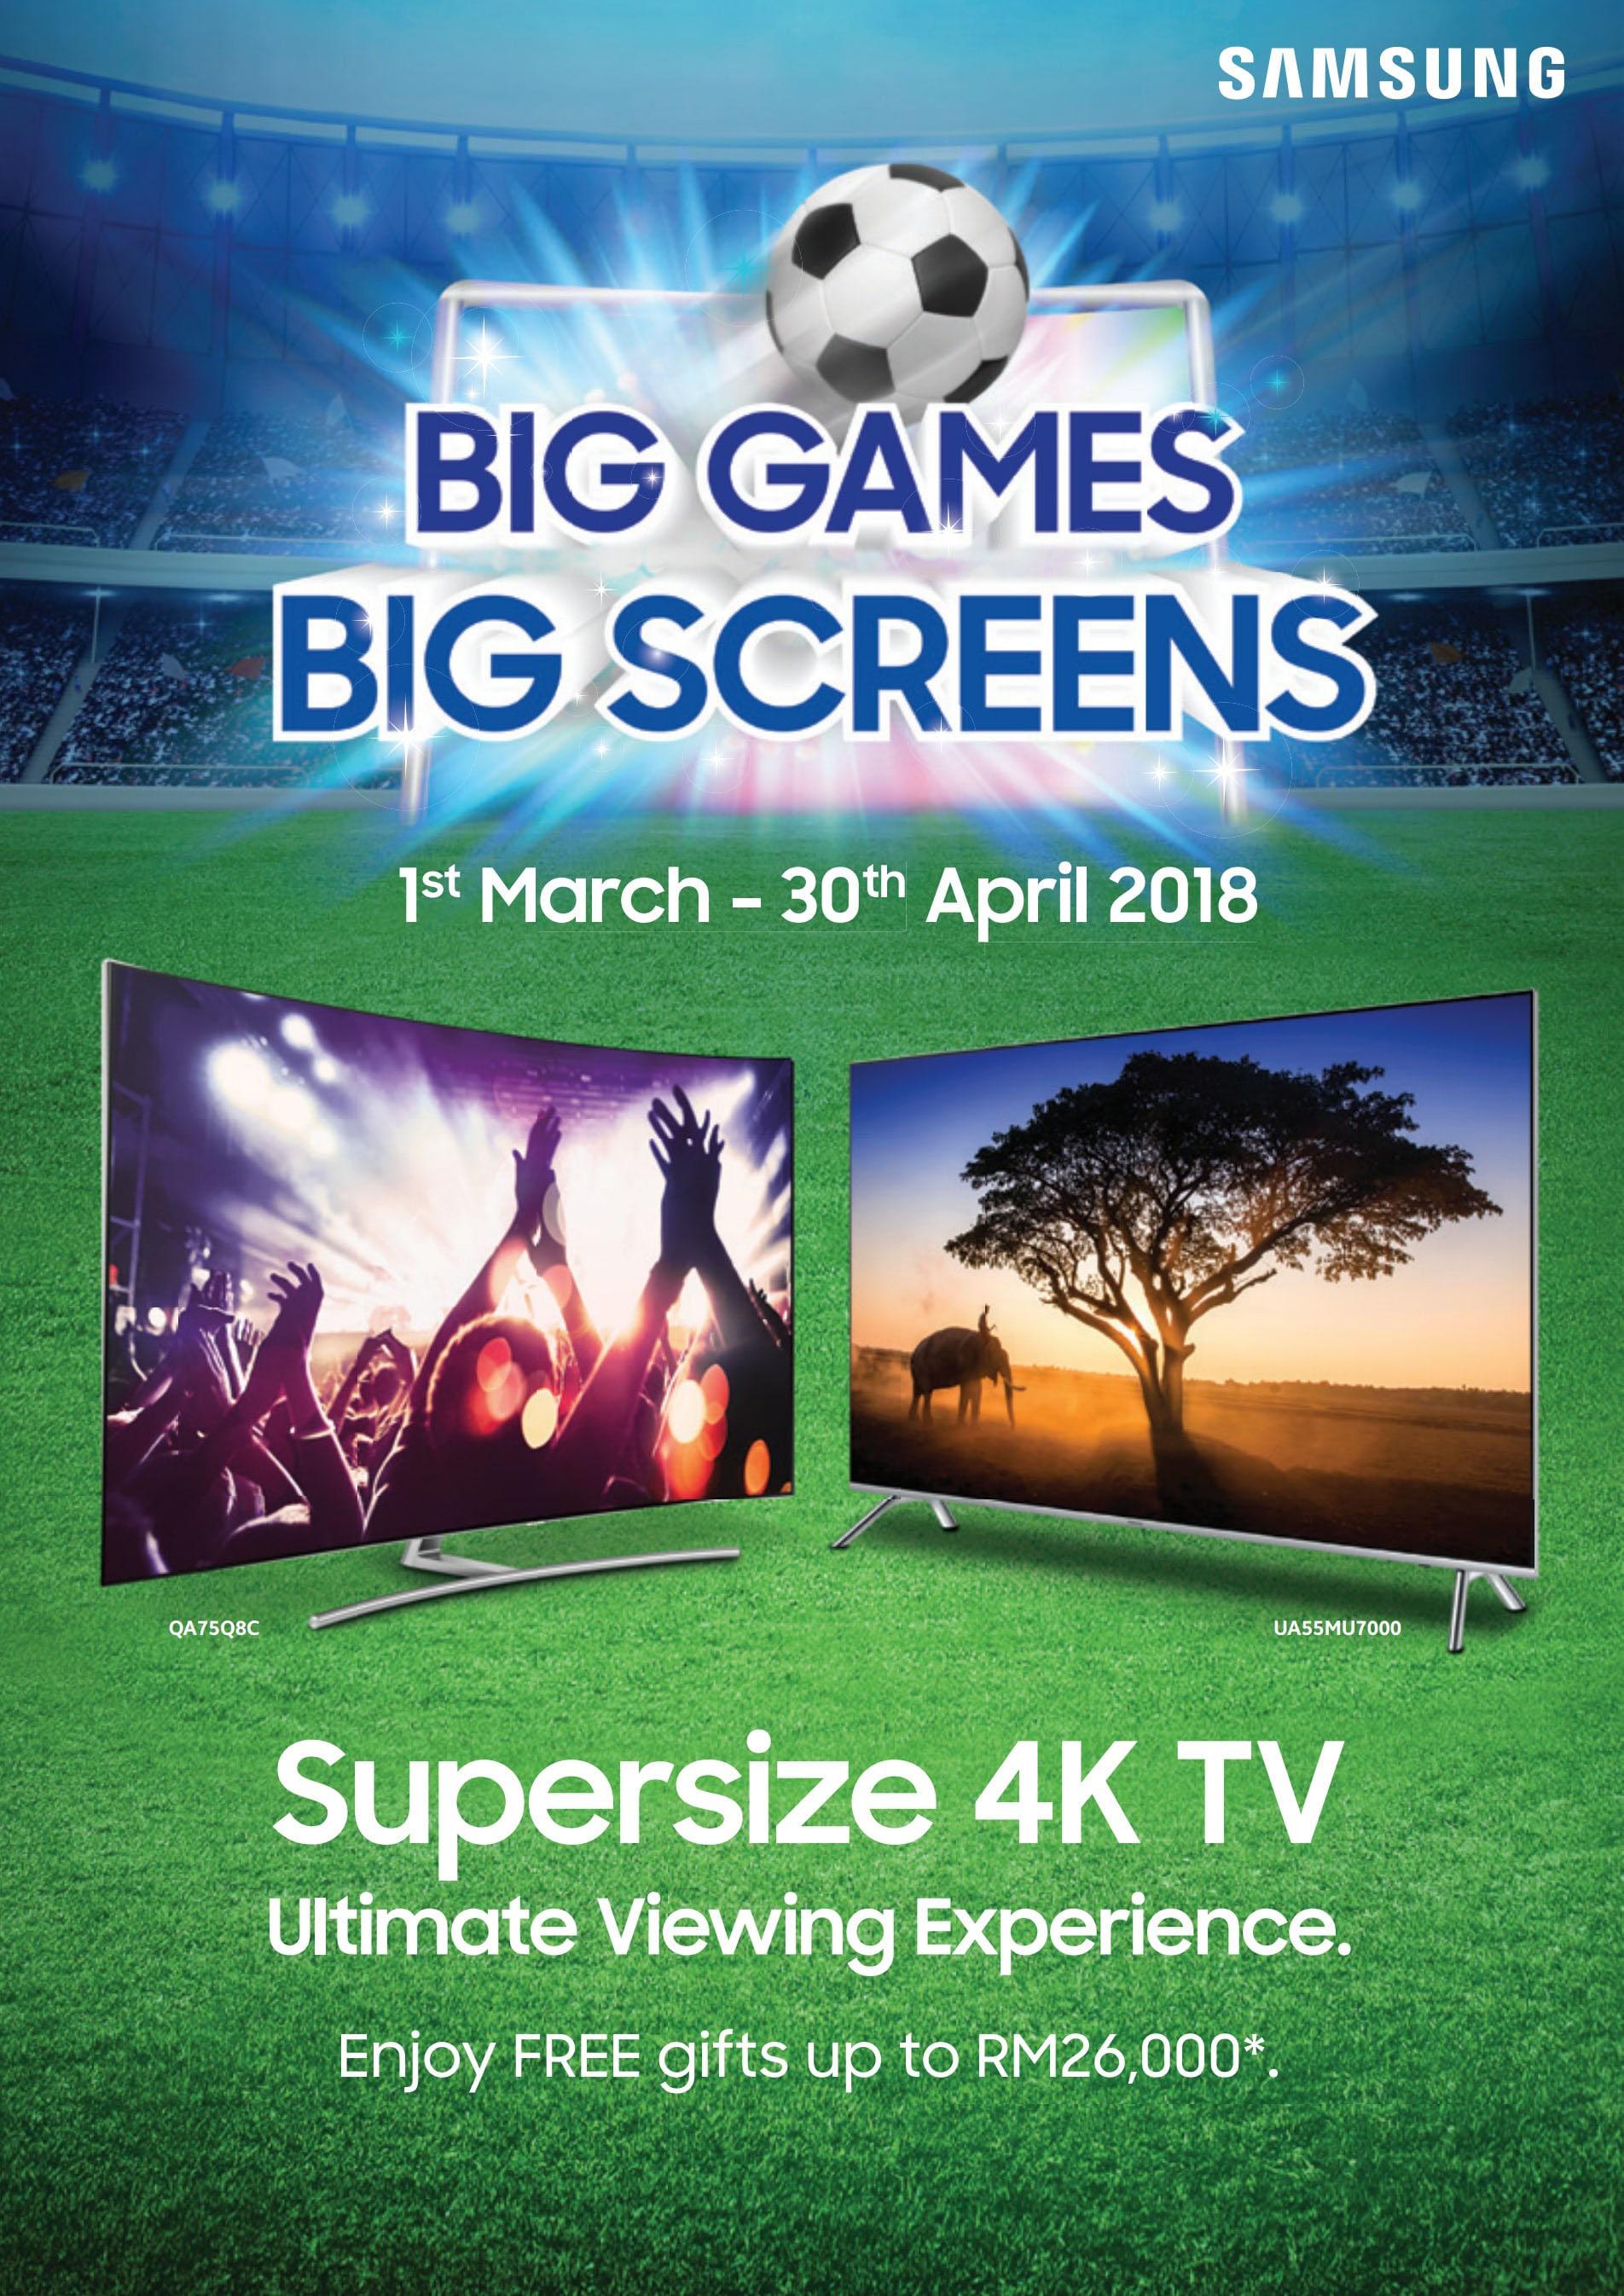 Big Games, Big Screens campaign